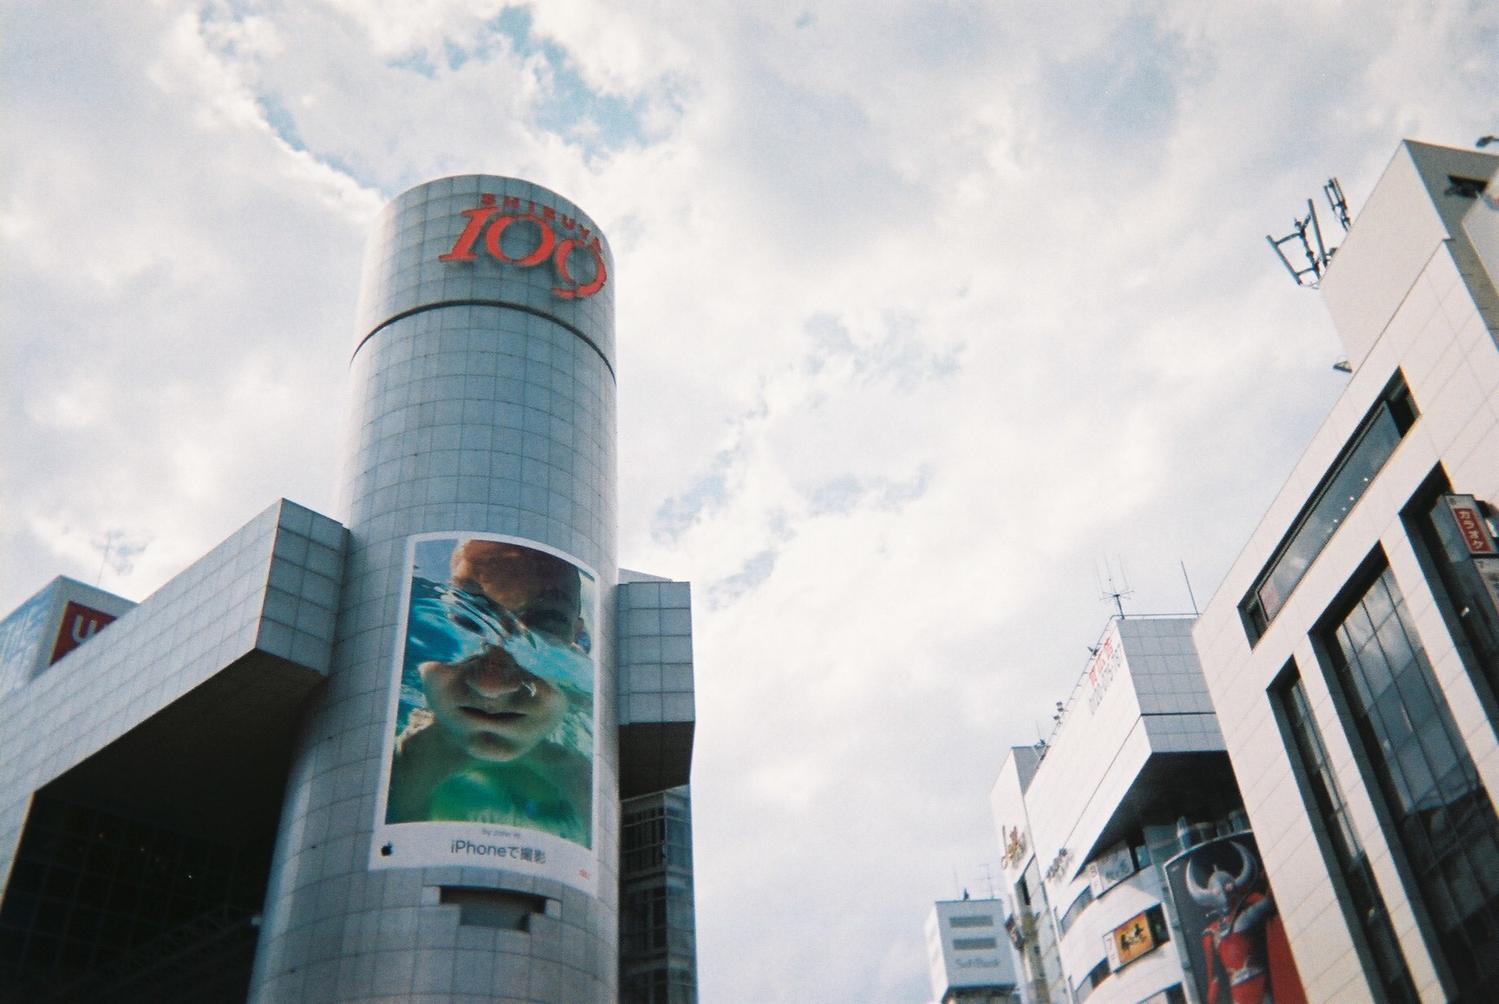 渋谷にはまだまだ美味しいものがたくさん